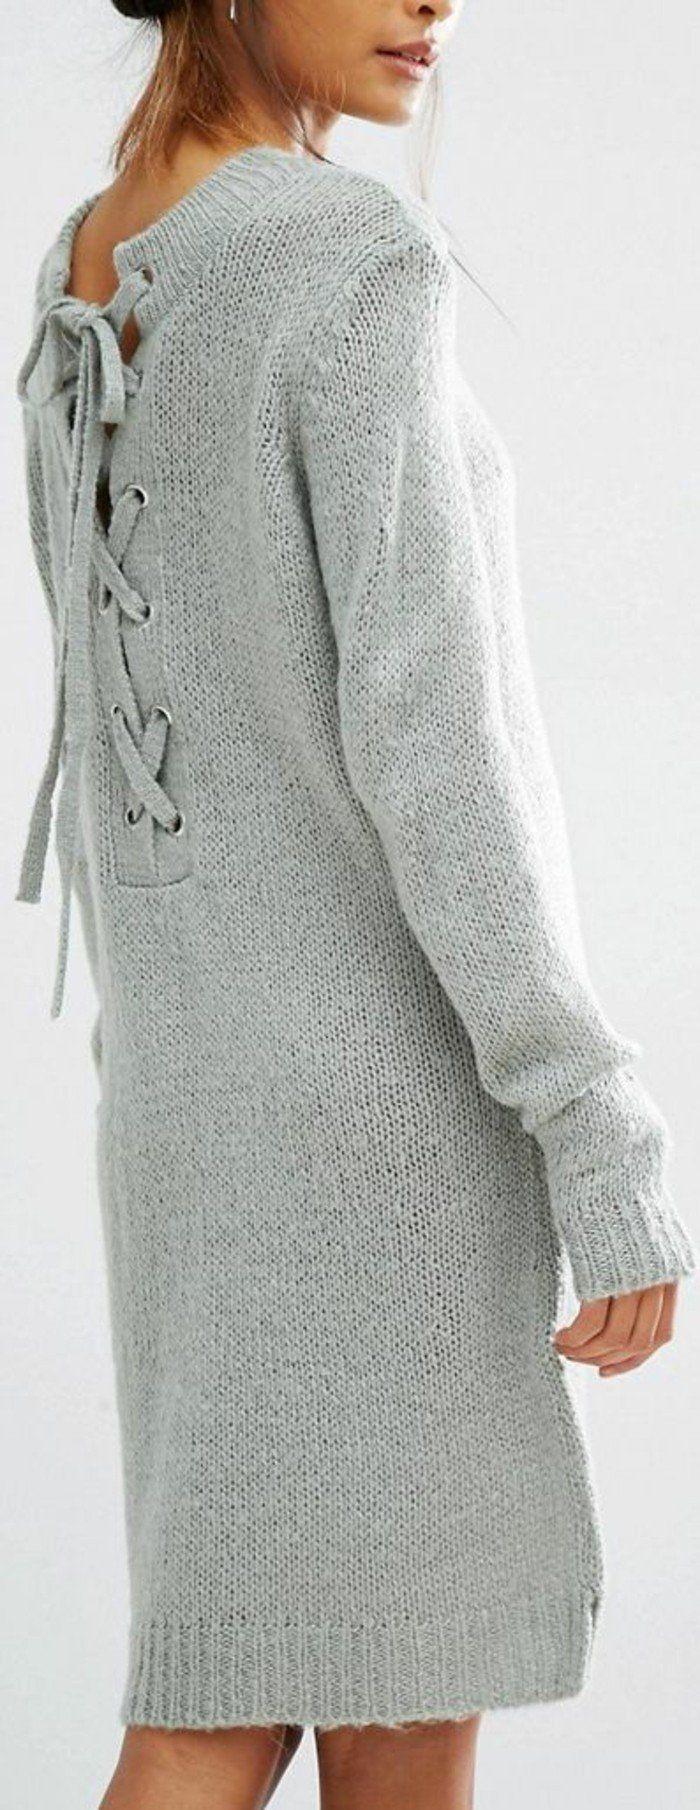 robe en laine femme gris sablé avec des lacets en tricotage au dos